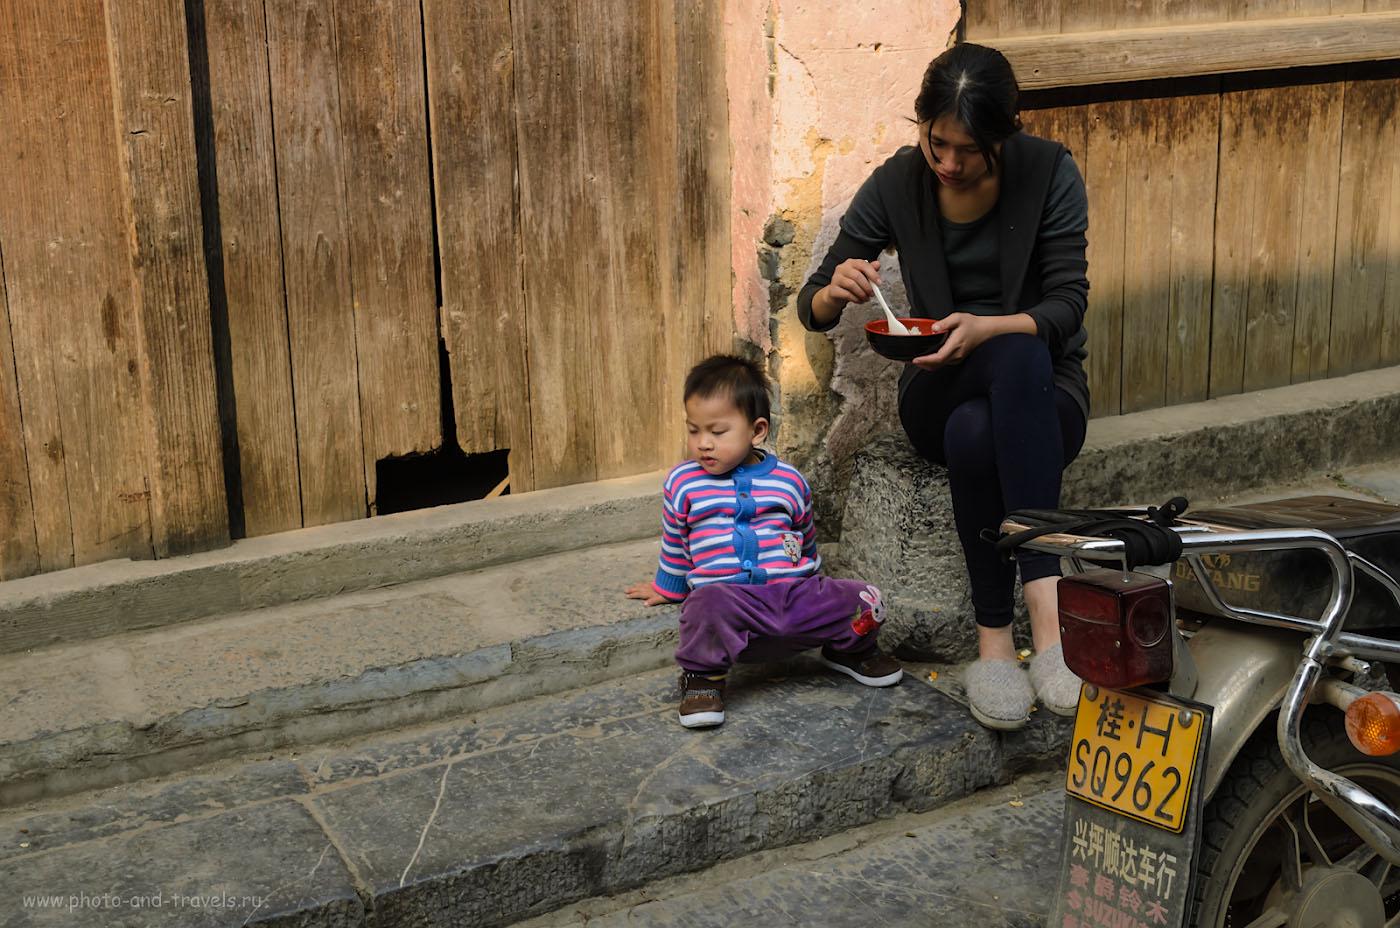 Фото 7. Деревня Синьпин в окрестностях городка Яншо. Мамы воспитывают сыновей. 1/250, 8.0, 200, 30.